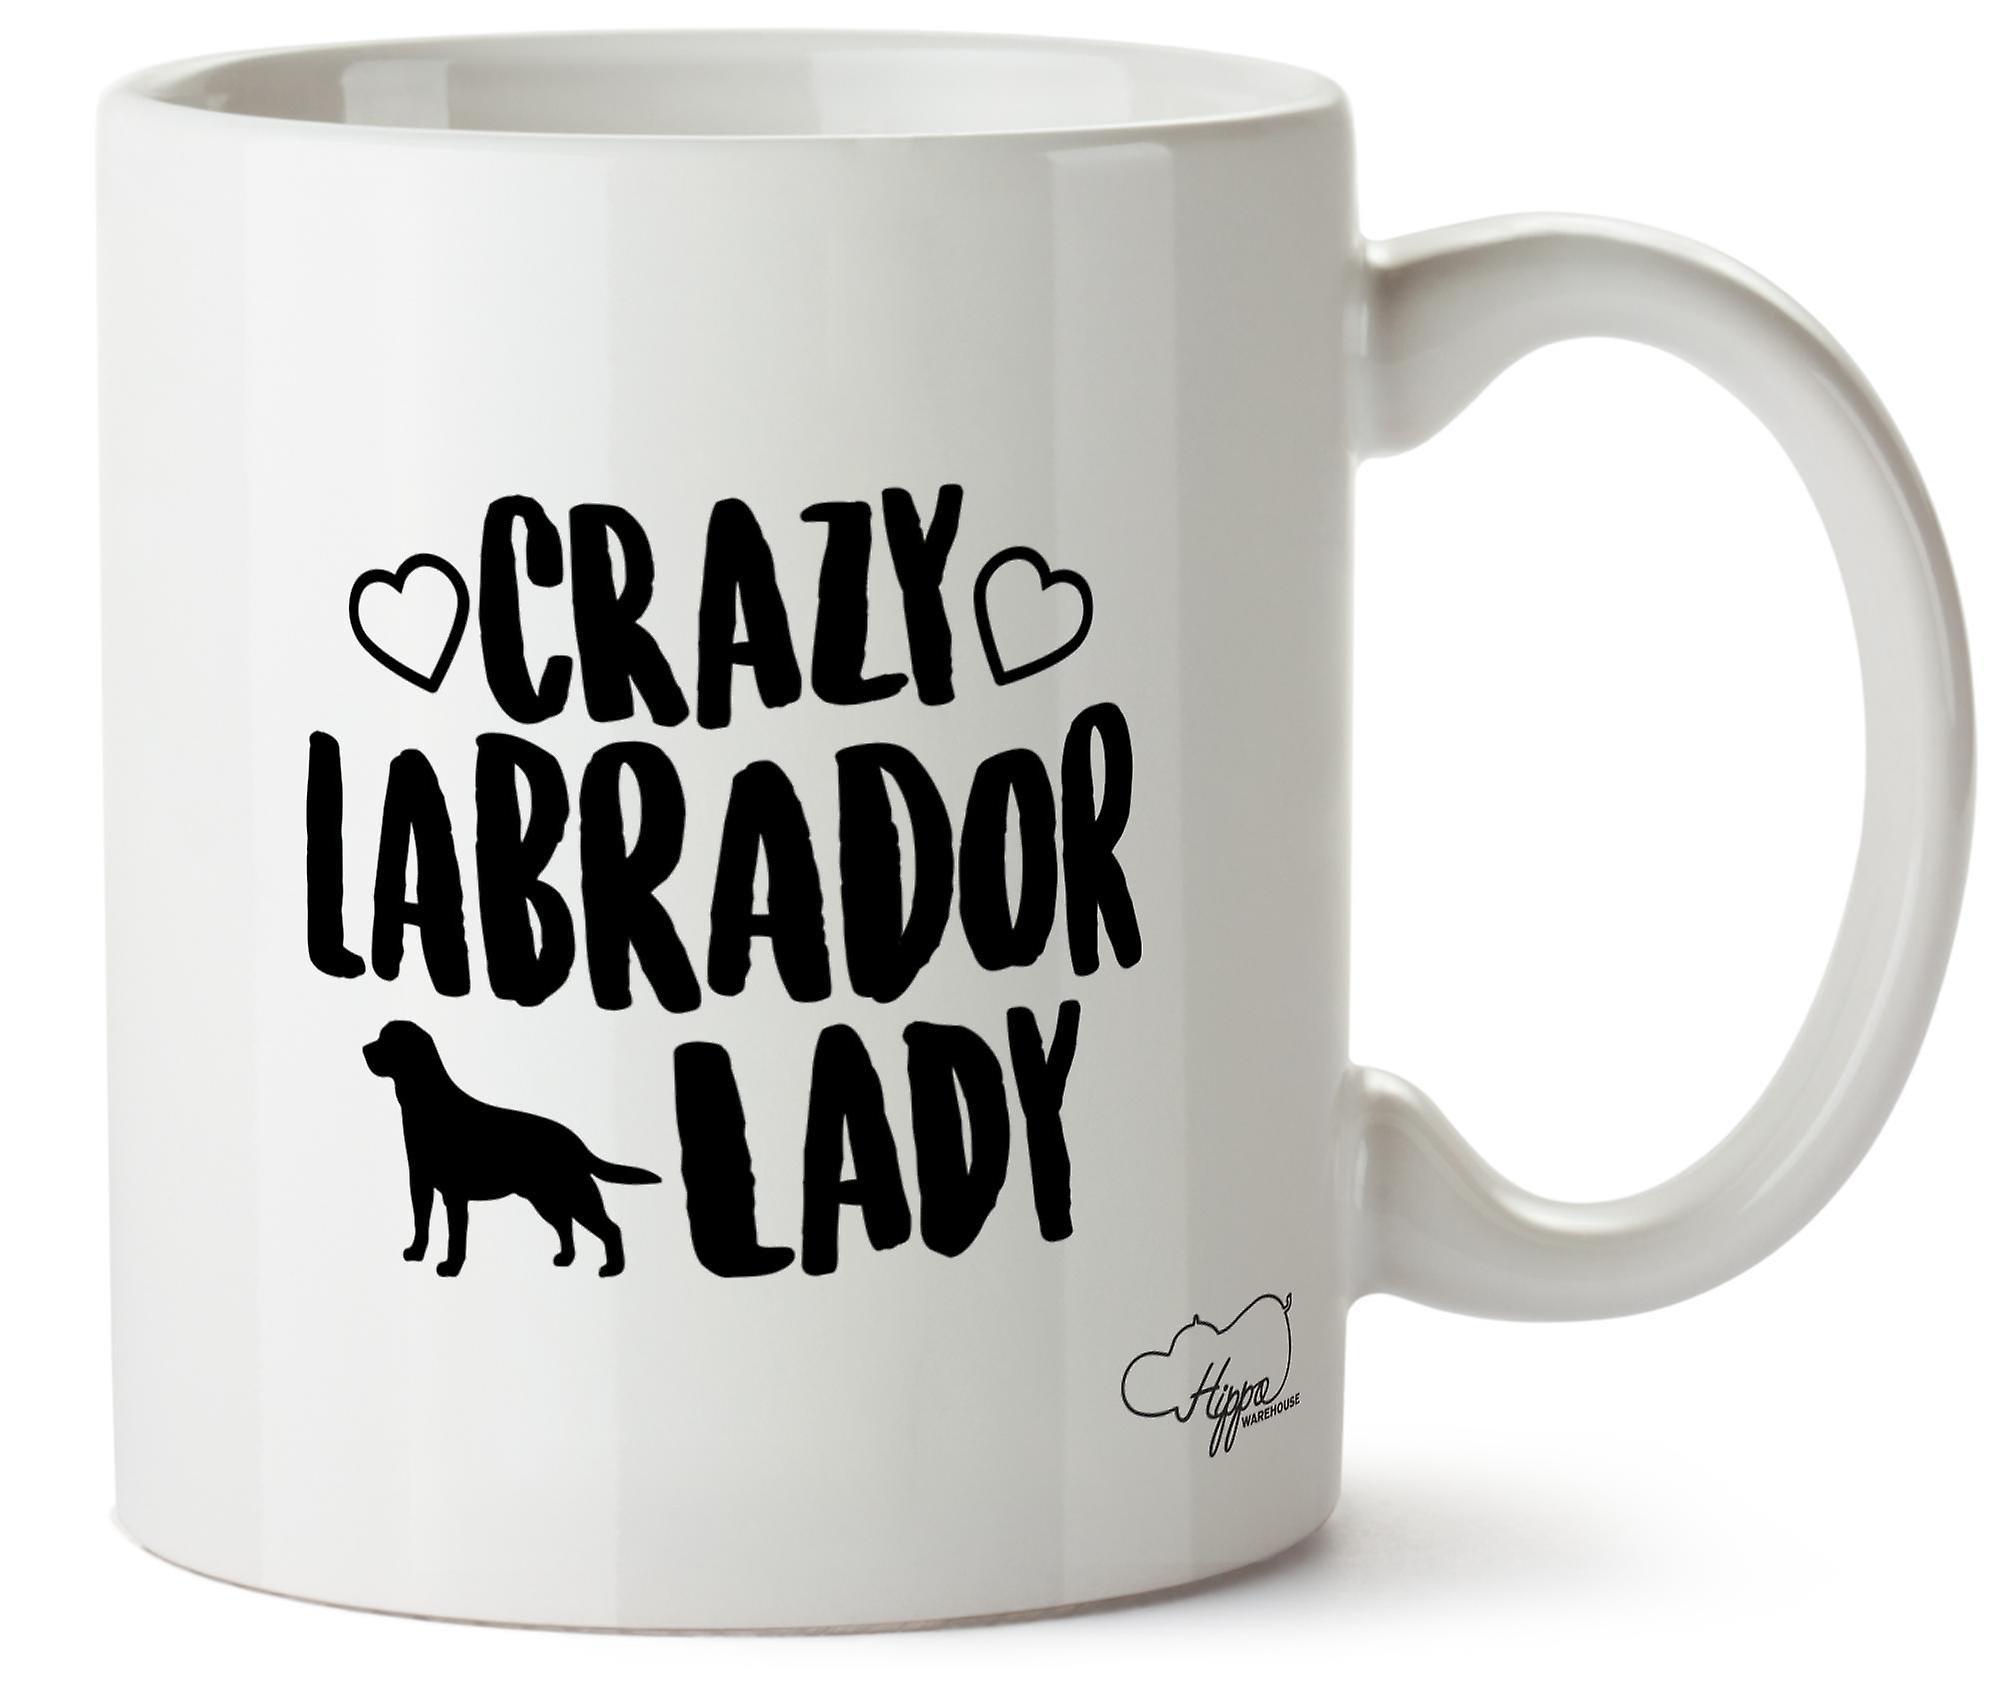 Hippowarehouse Crazy Лабрадор леди собака напечатаны Кубка керамическая кружка 10oz